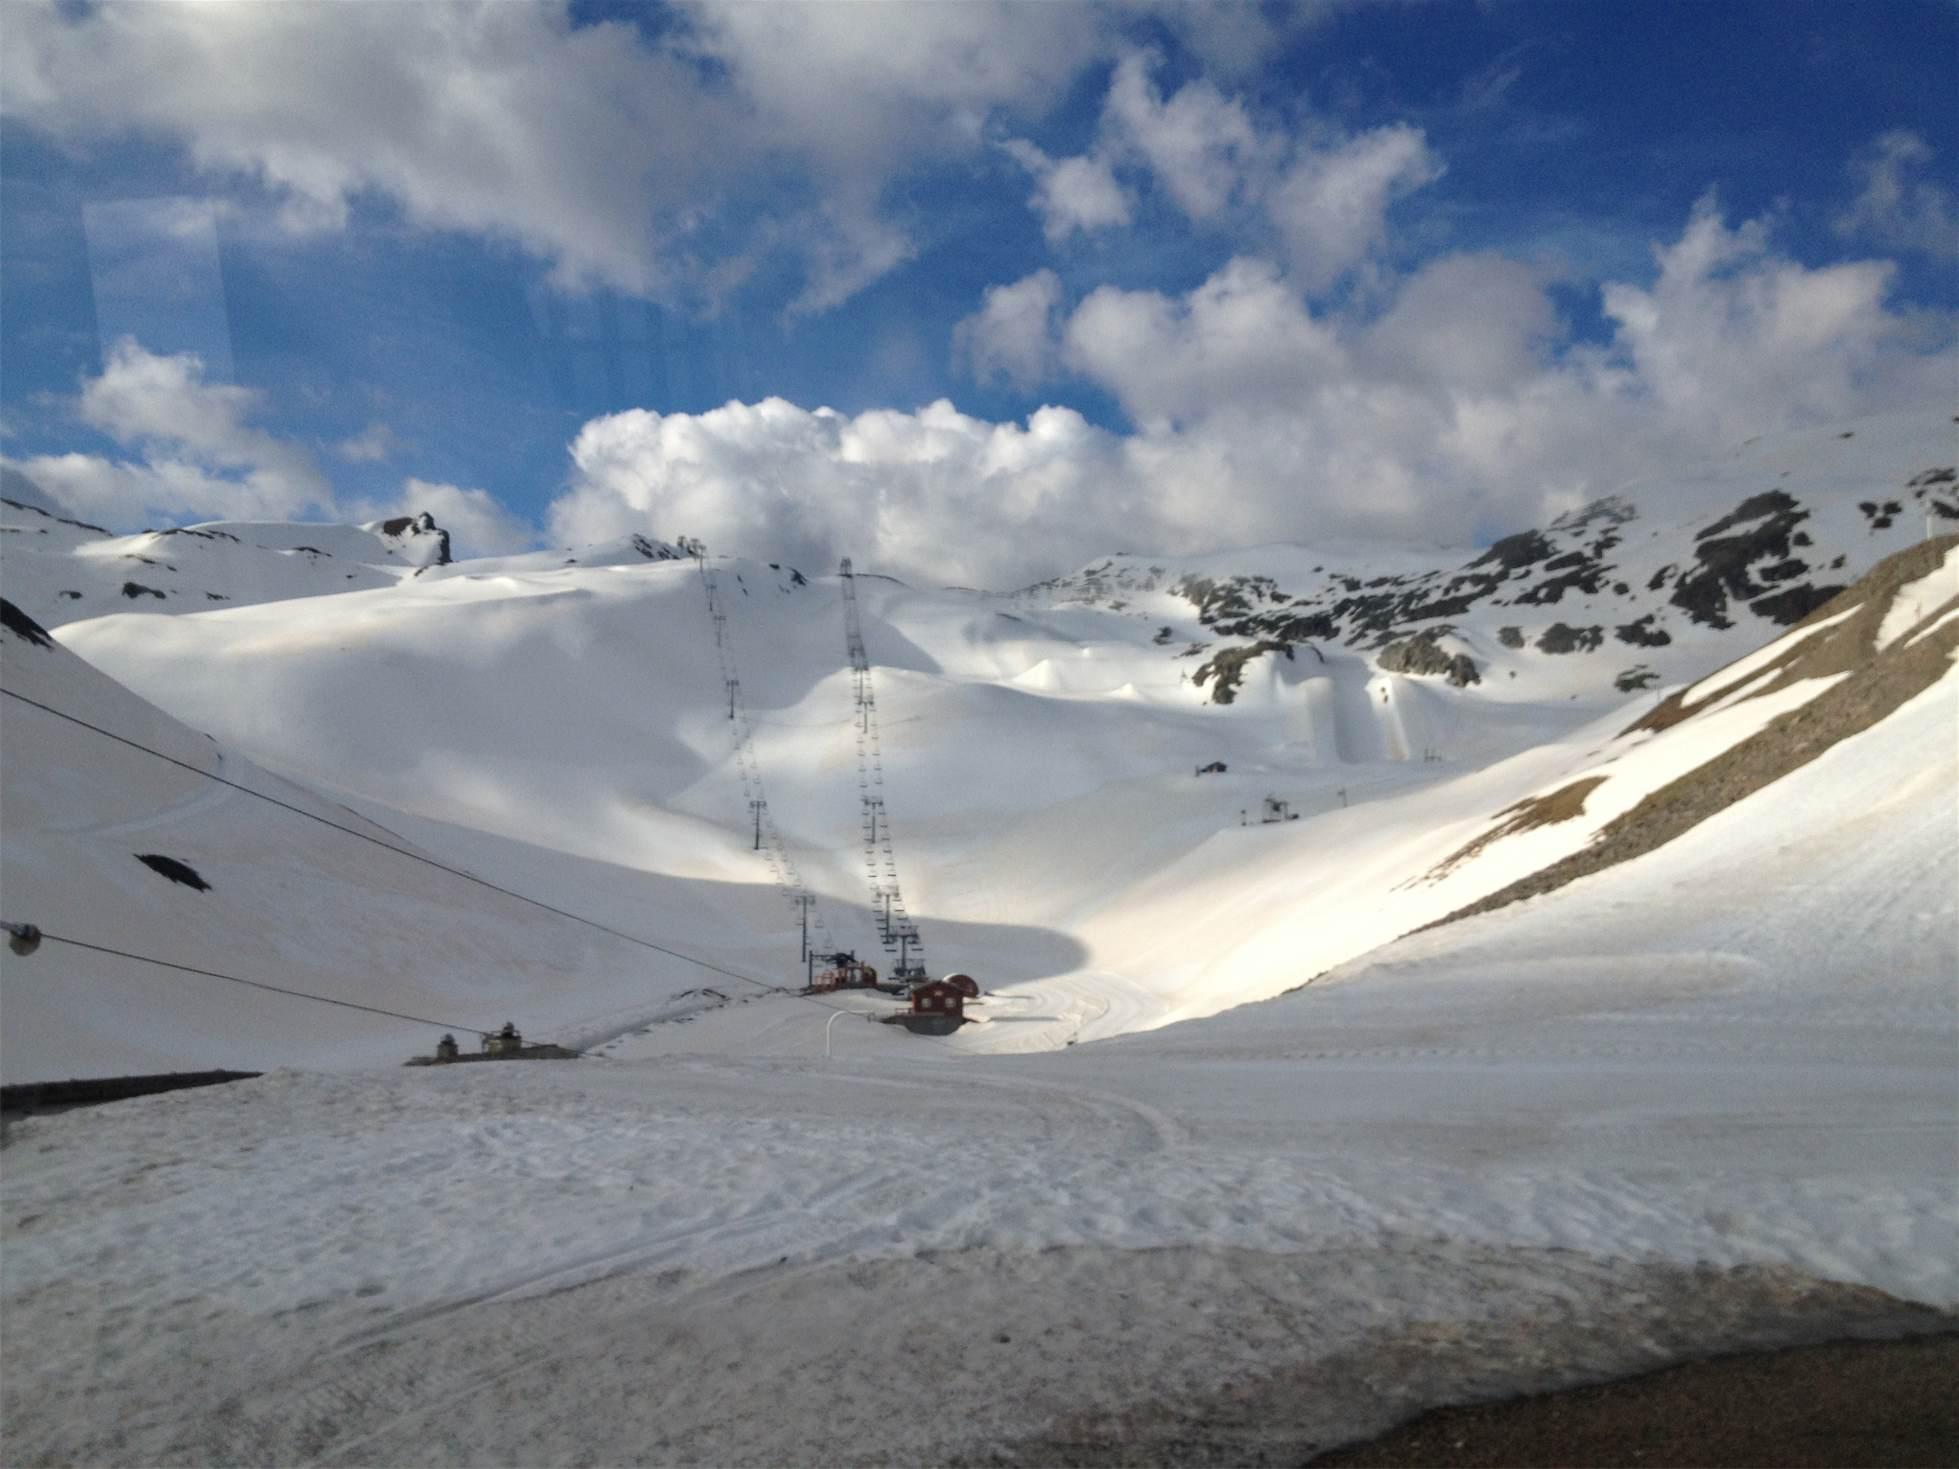 Les 2 Alpes verano / summer / été